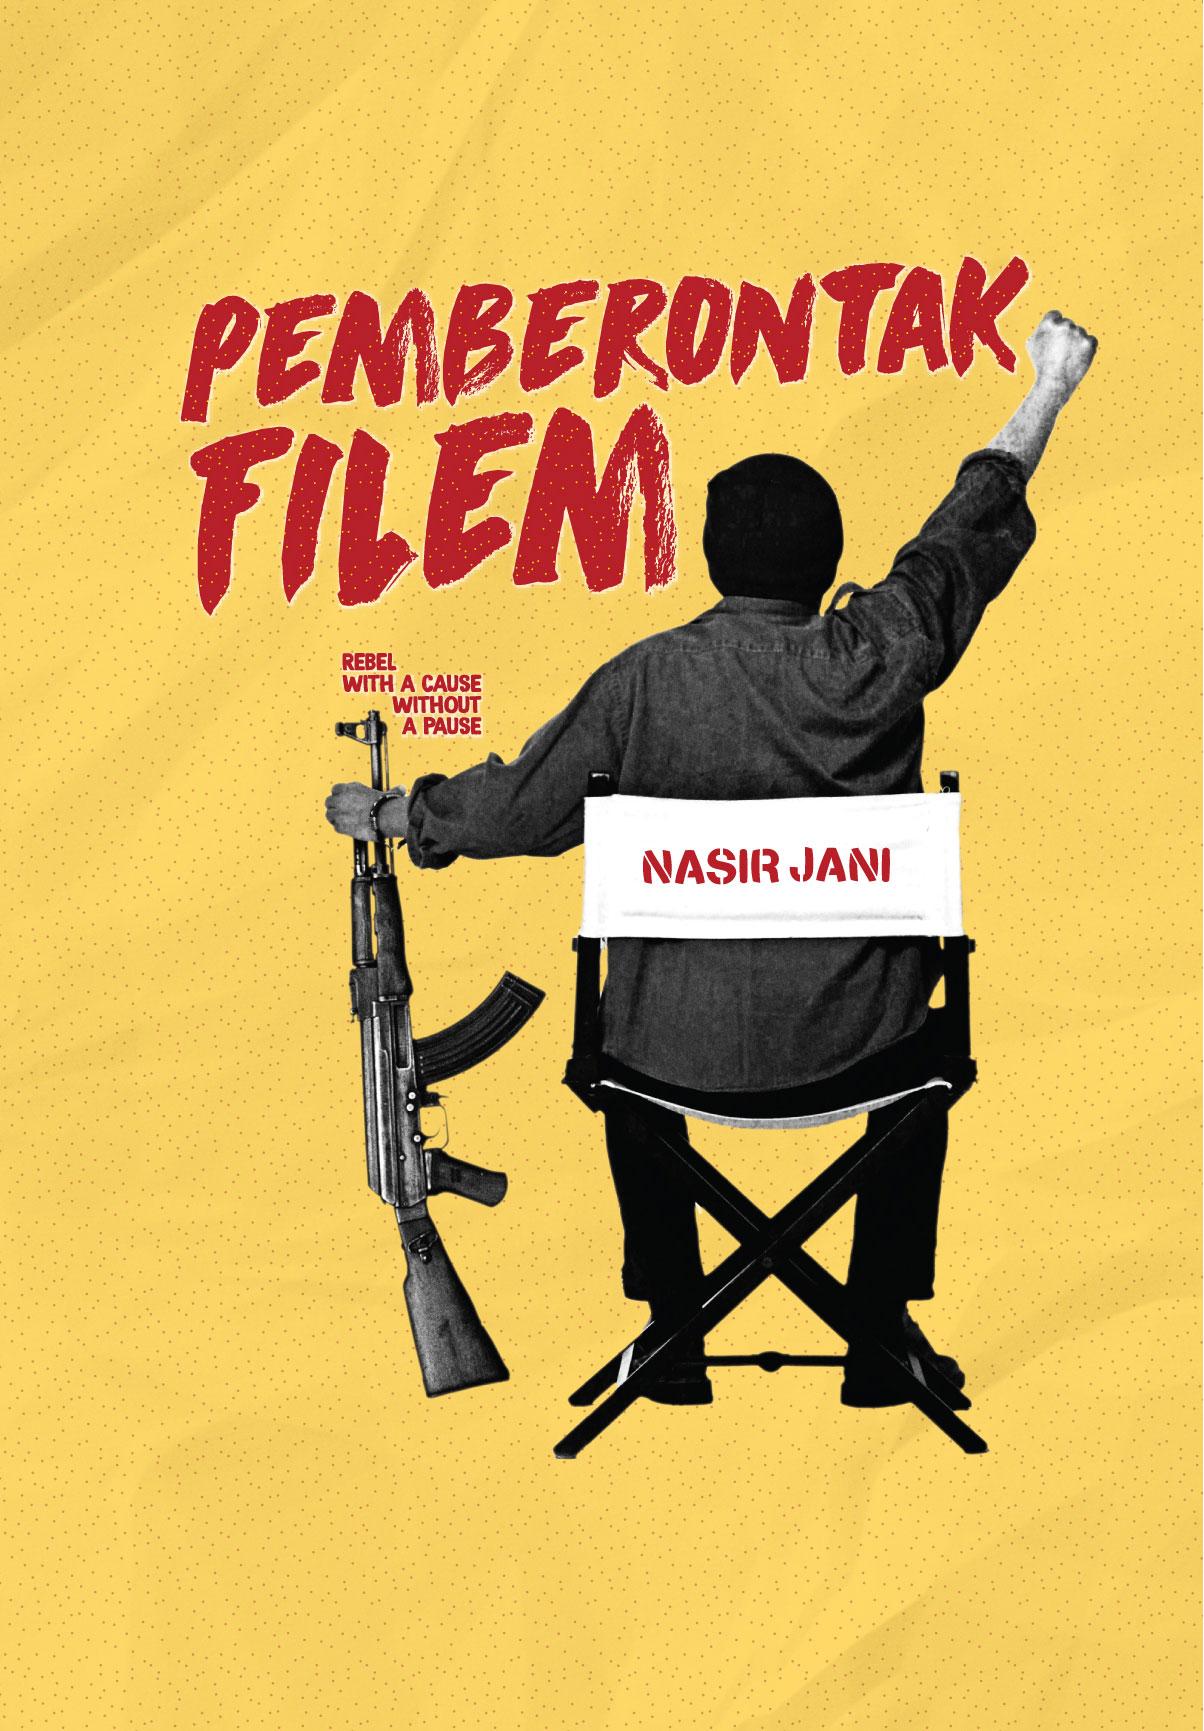 PEMBERONTAK FILEM by Nasir Jani